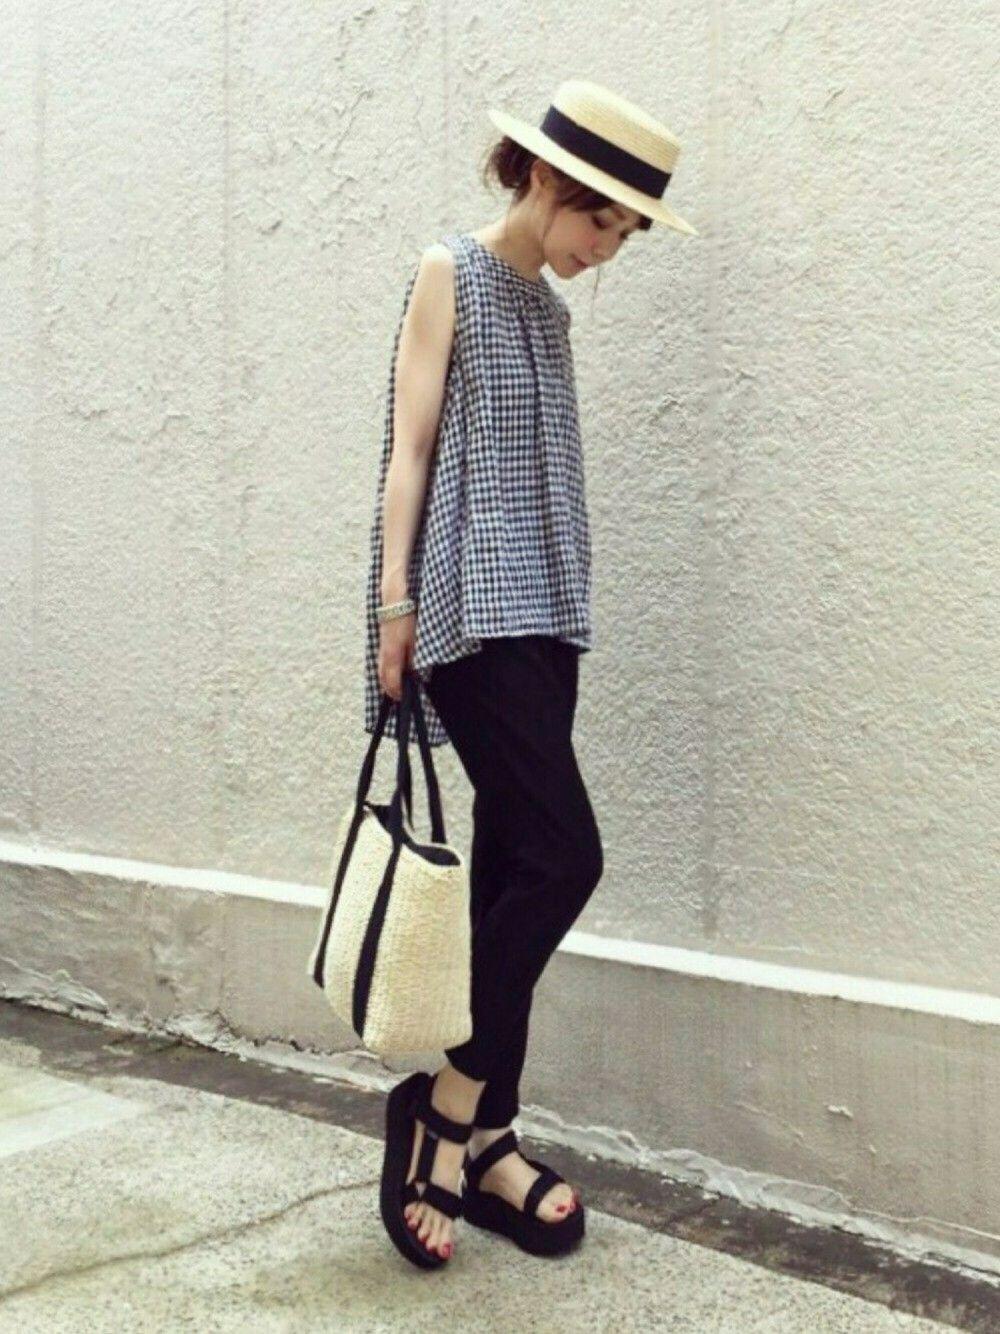 d338458099c61 ari☆さんのコーディネート カジュアルファッション, ファッションコーデのアイデア, カジュアルウェア,